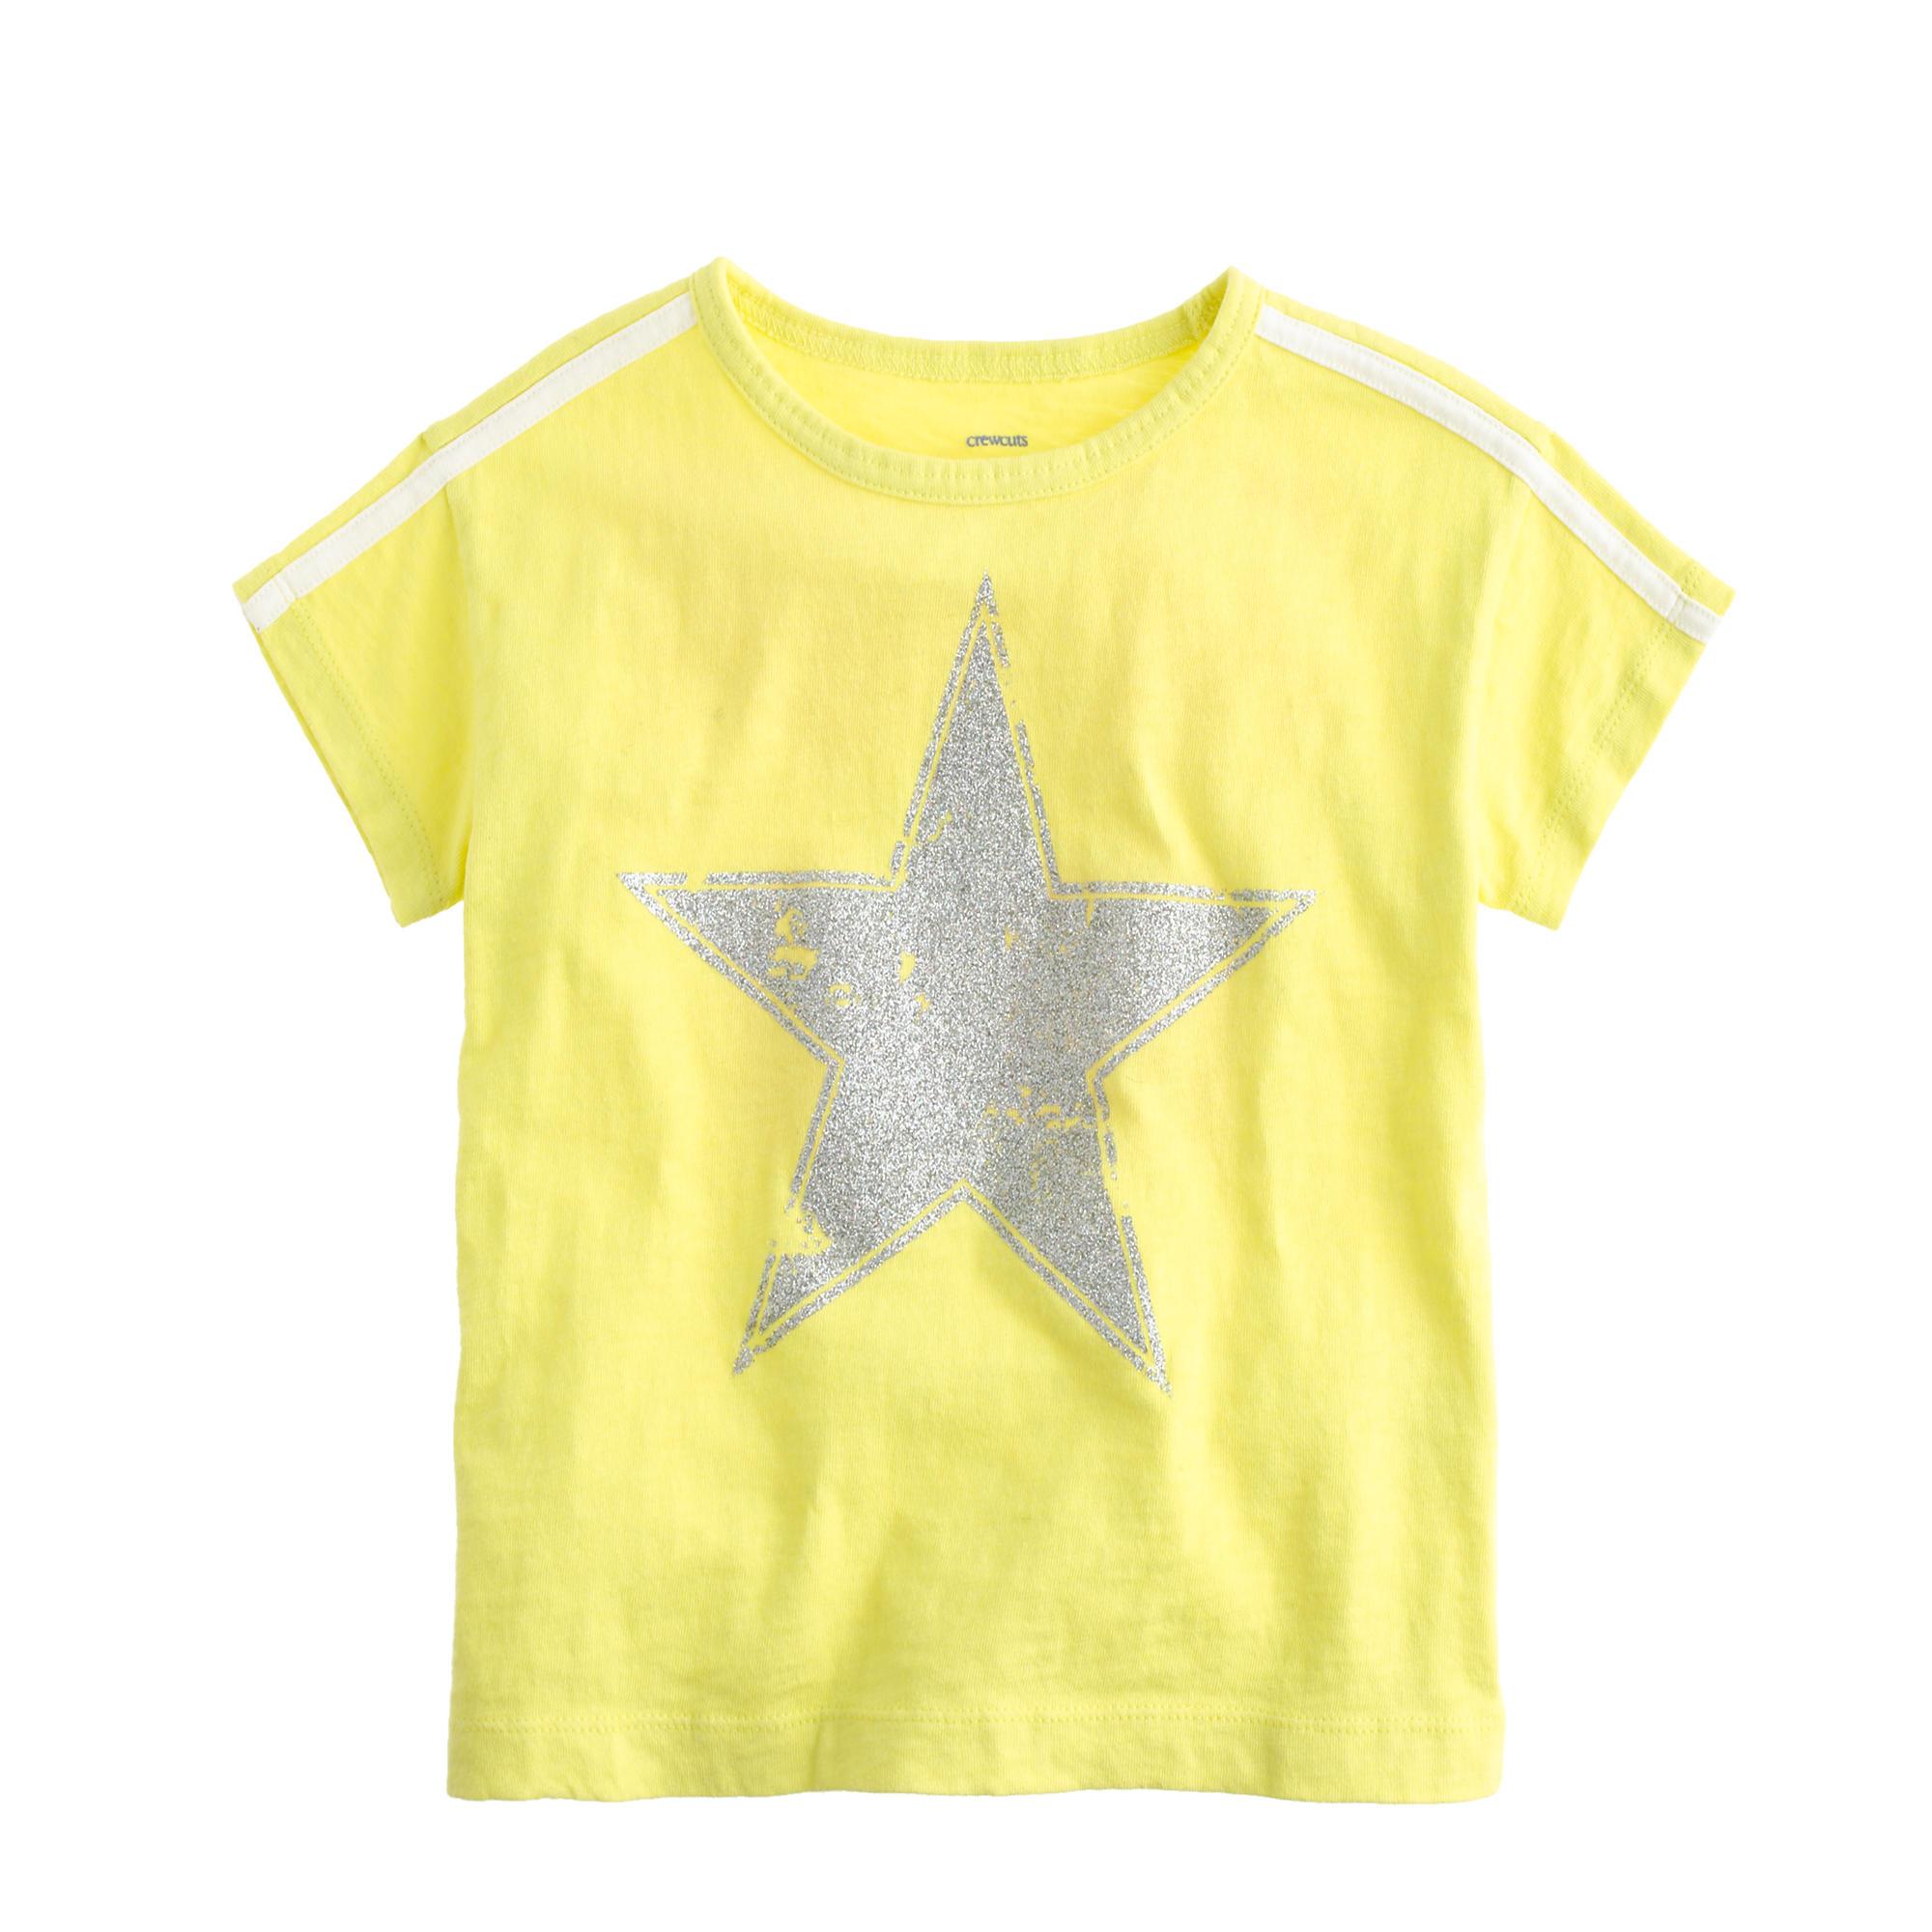 Girls' sequin star T-shirt :